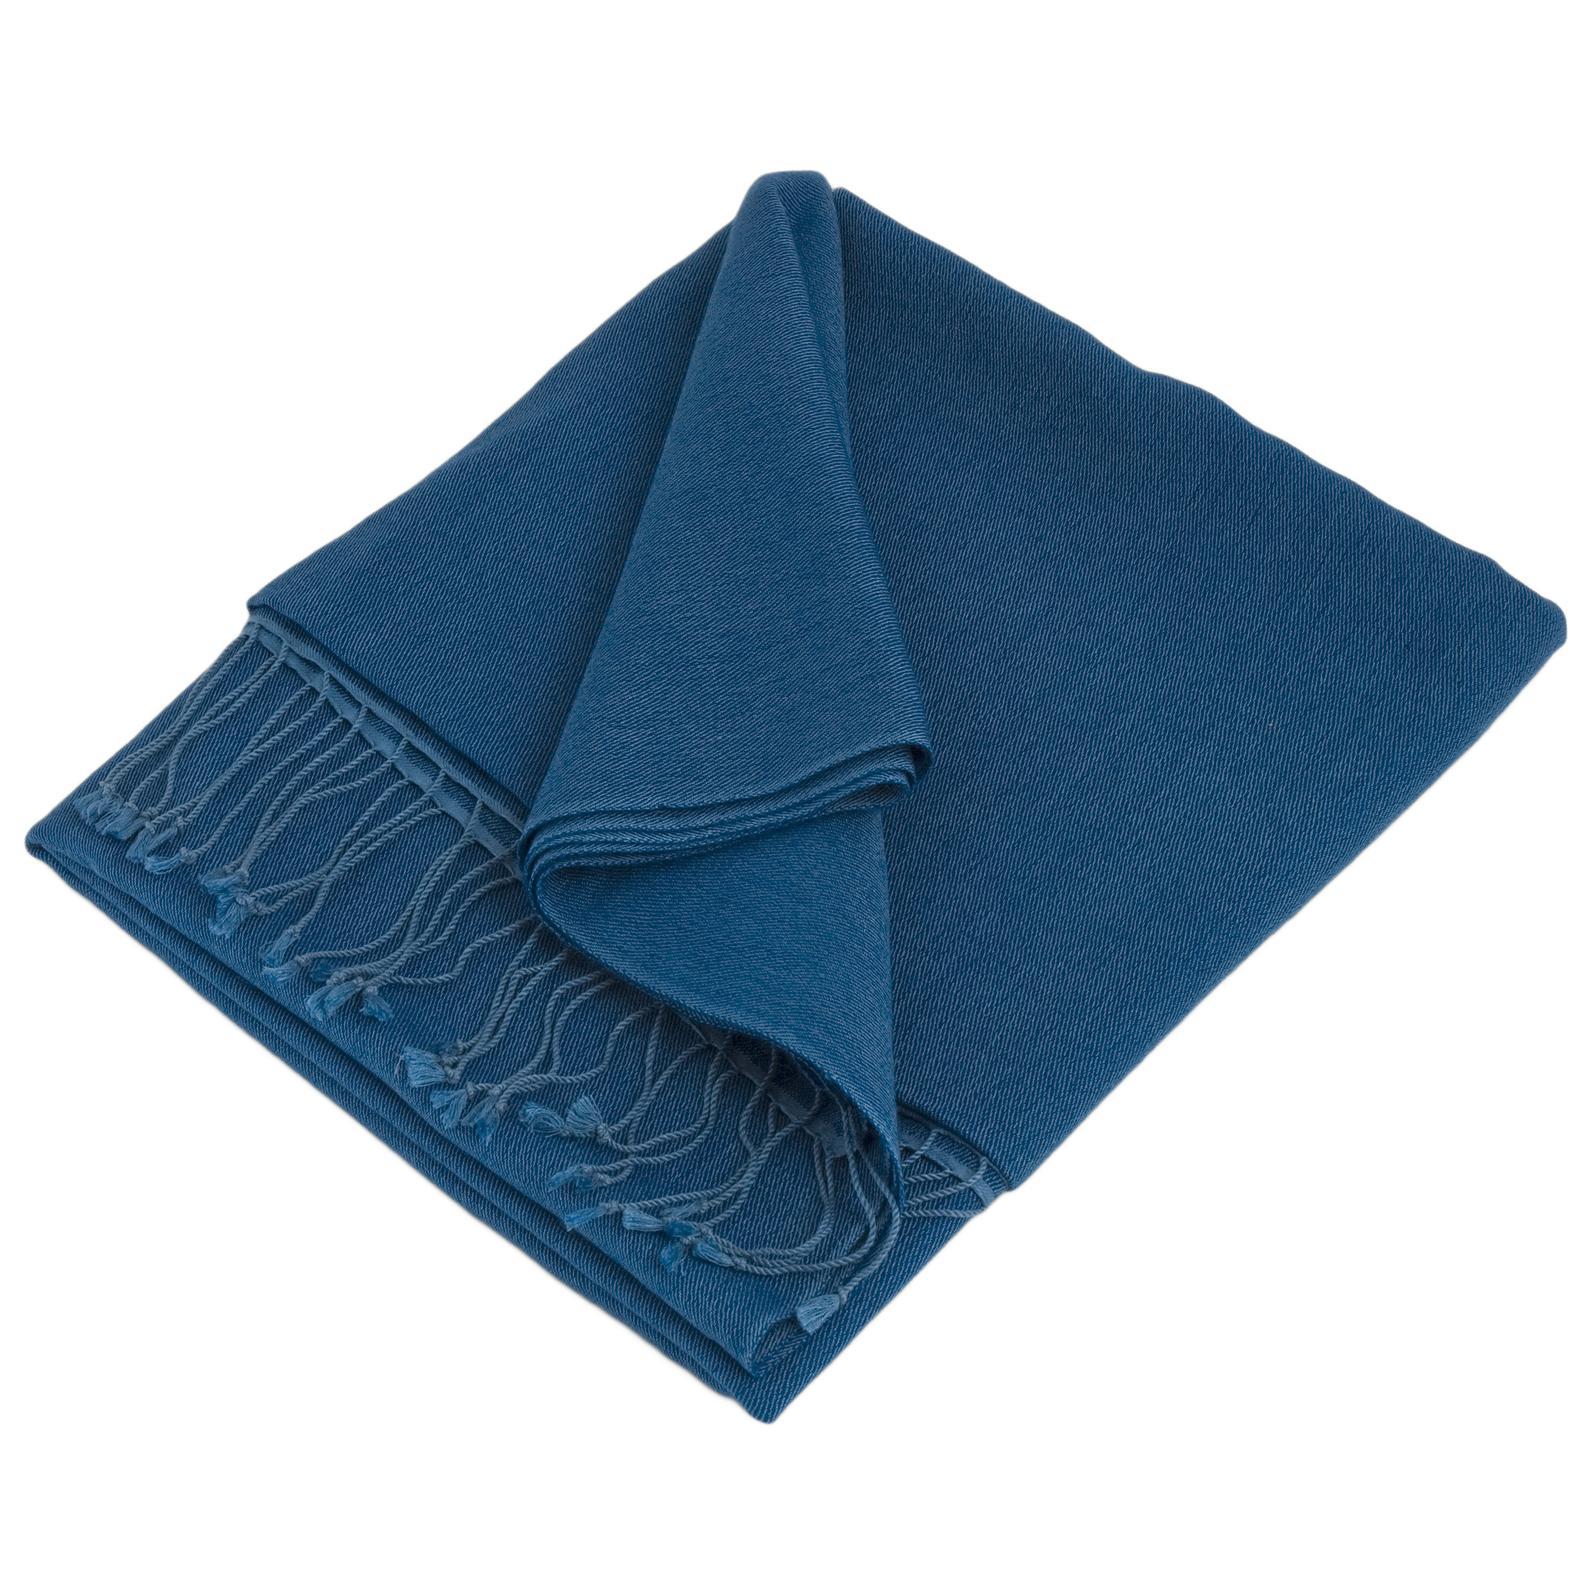 Pashmina Stole - 70x200cm - 100% Cashmere - Princess Blue